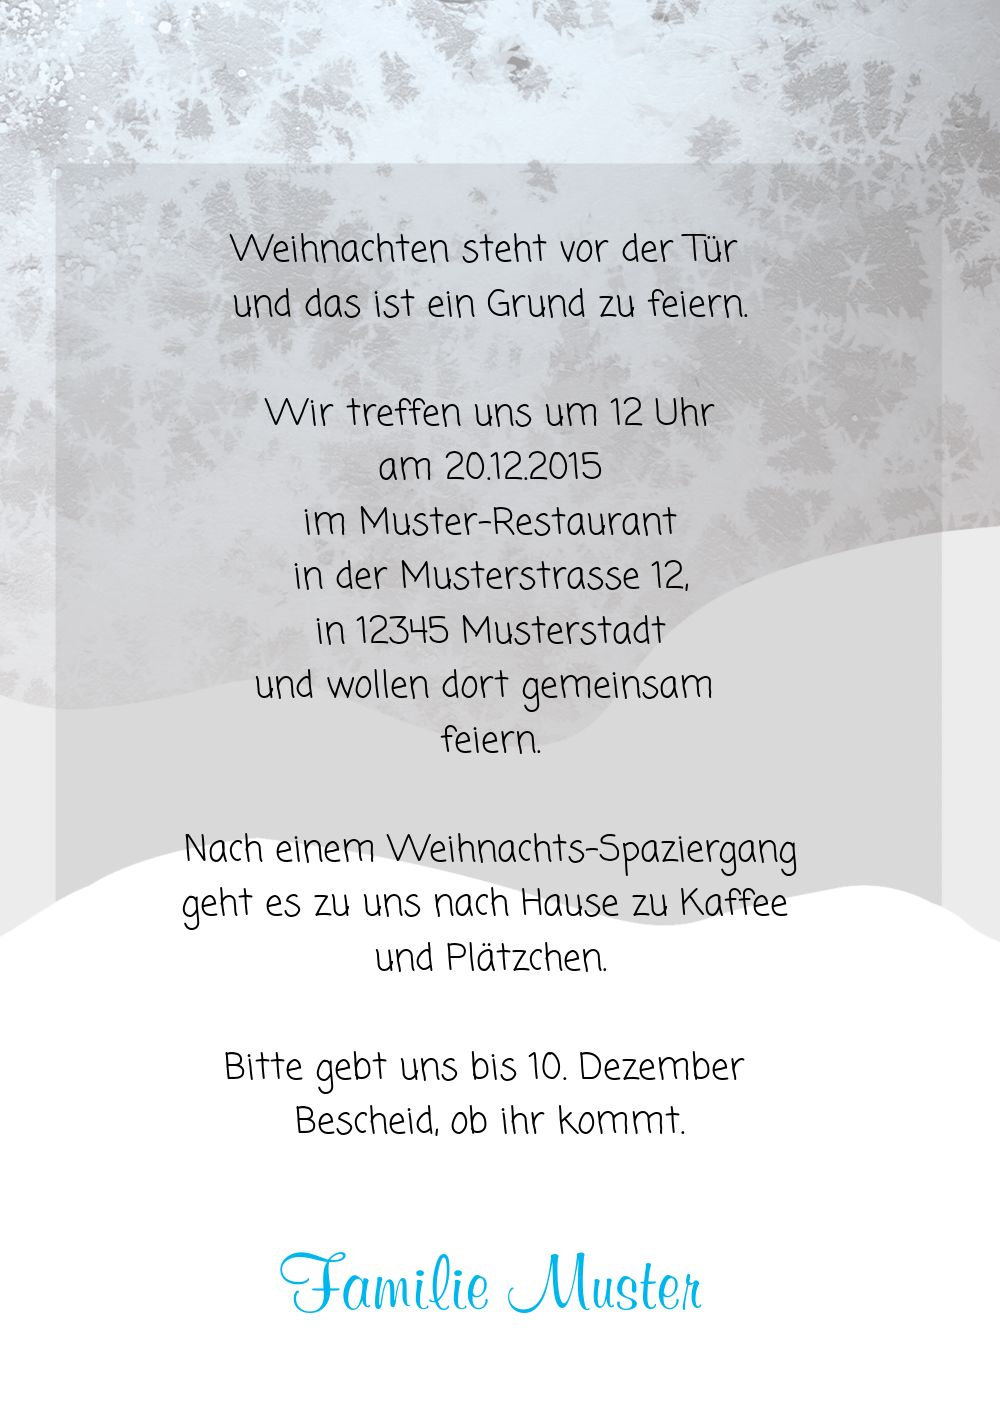 Ansicht 5 - Foto Einladung Knopfmännchen